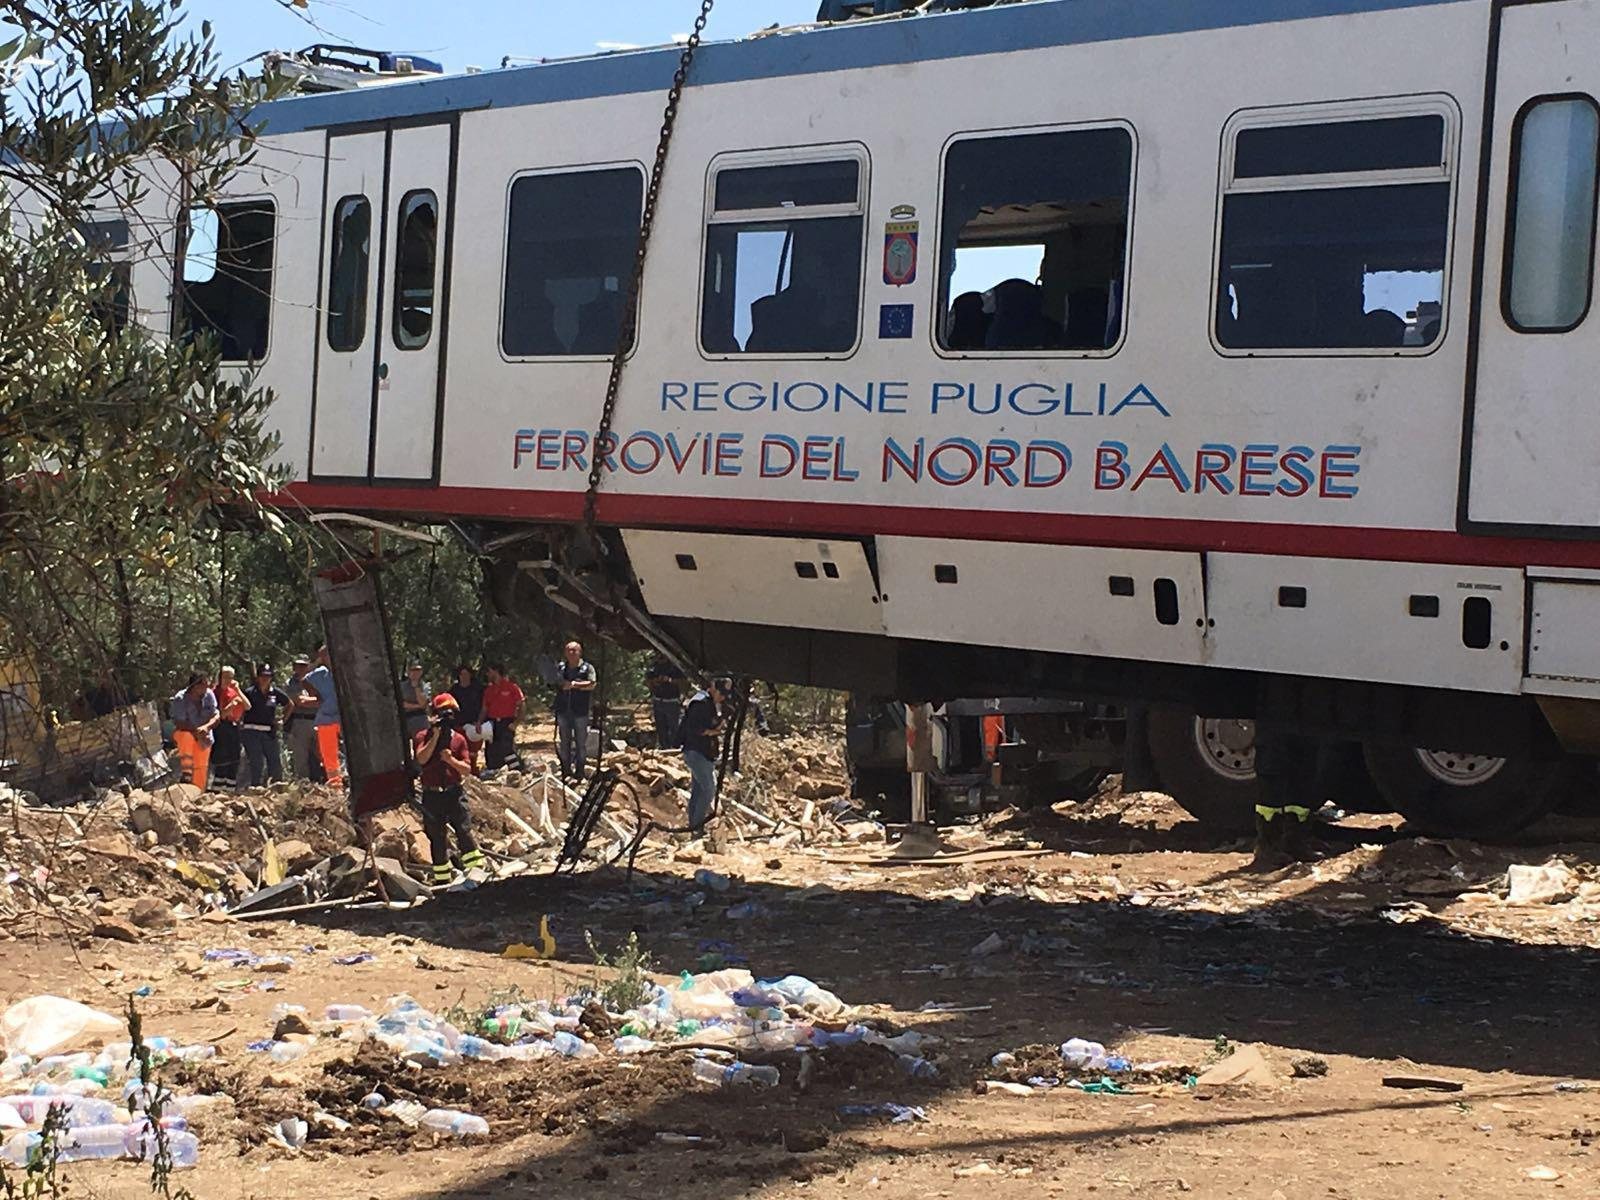 Scontro tra treni in Puglia, a Lecce: decine di feriti, nessuno è grave